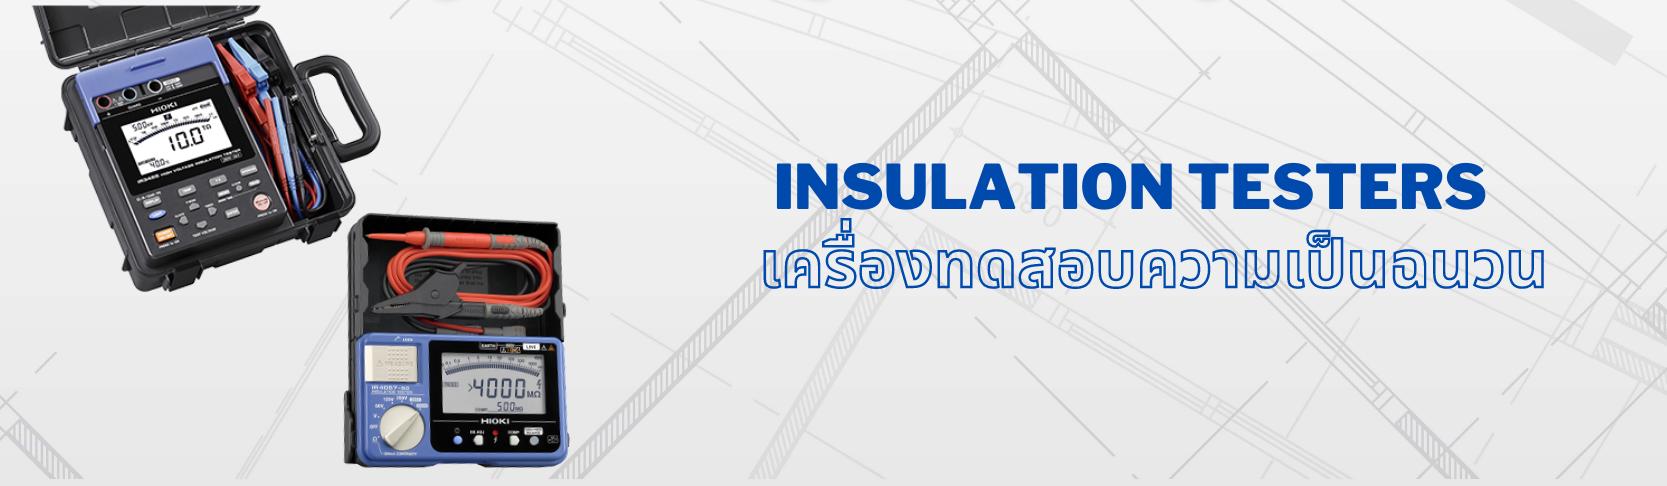 เครื่องทดสอบความเป็นฉนวน (Insulation tester)